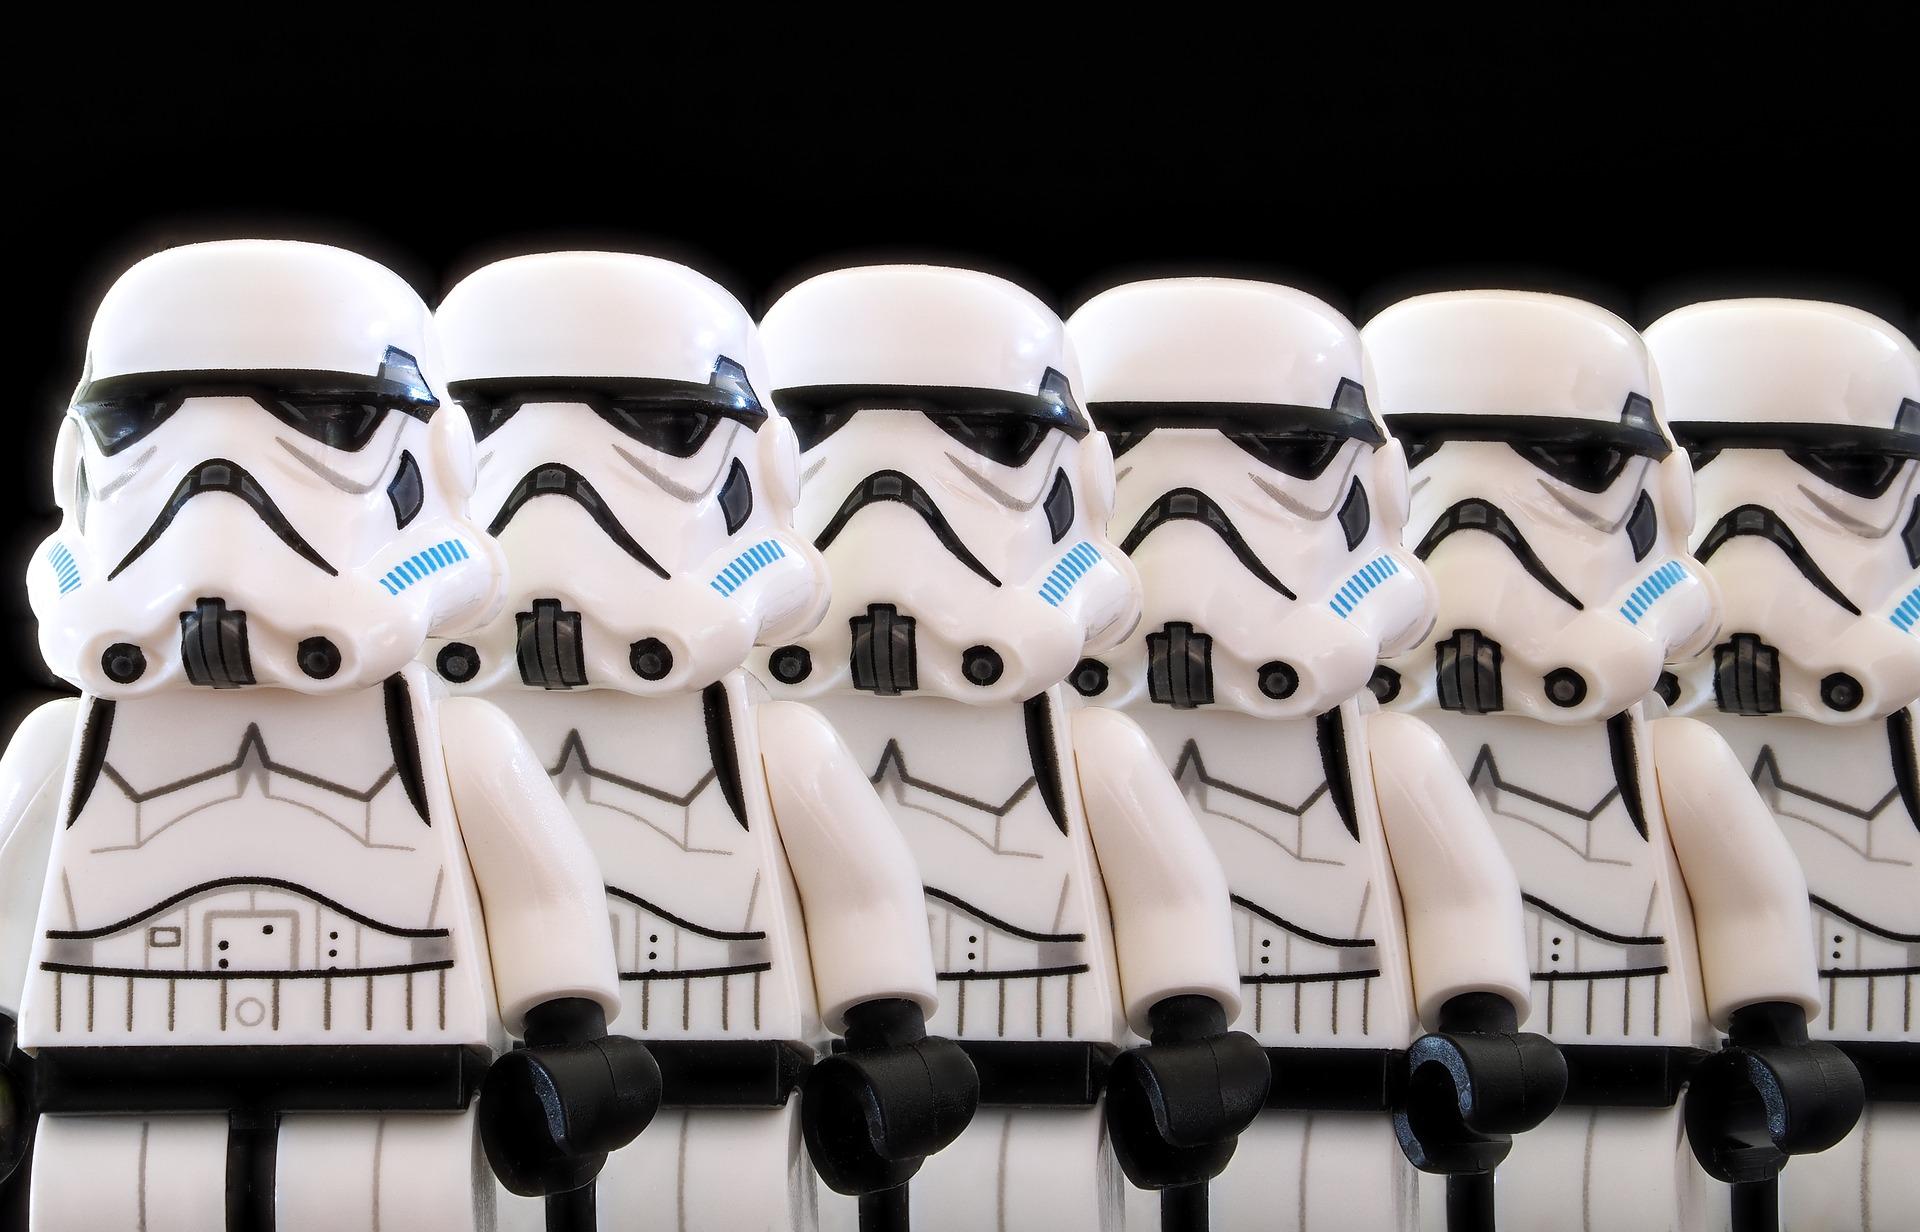 stormtrooper-2899993_1920